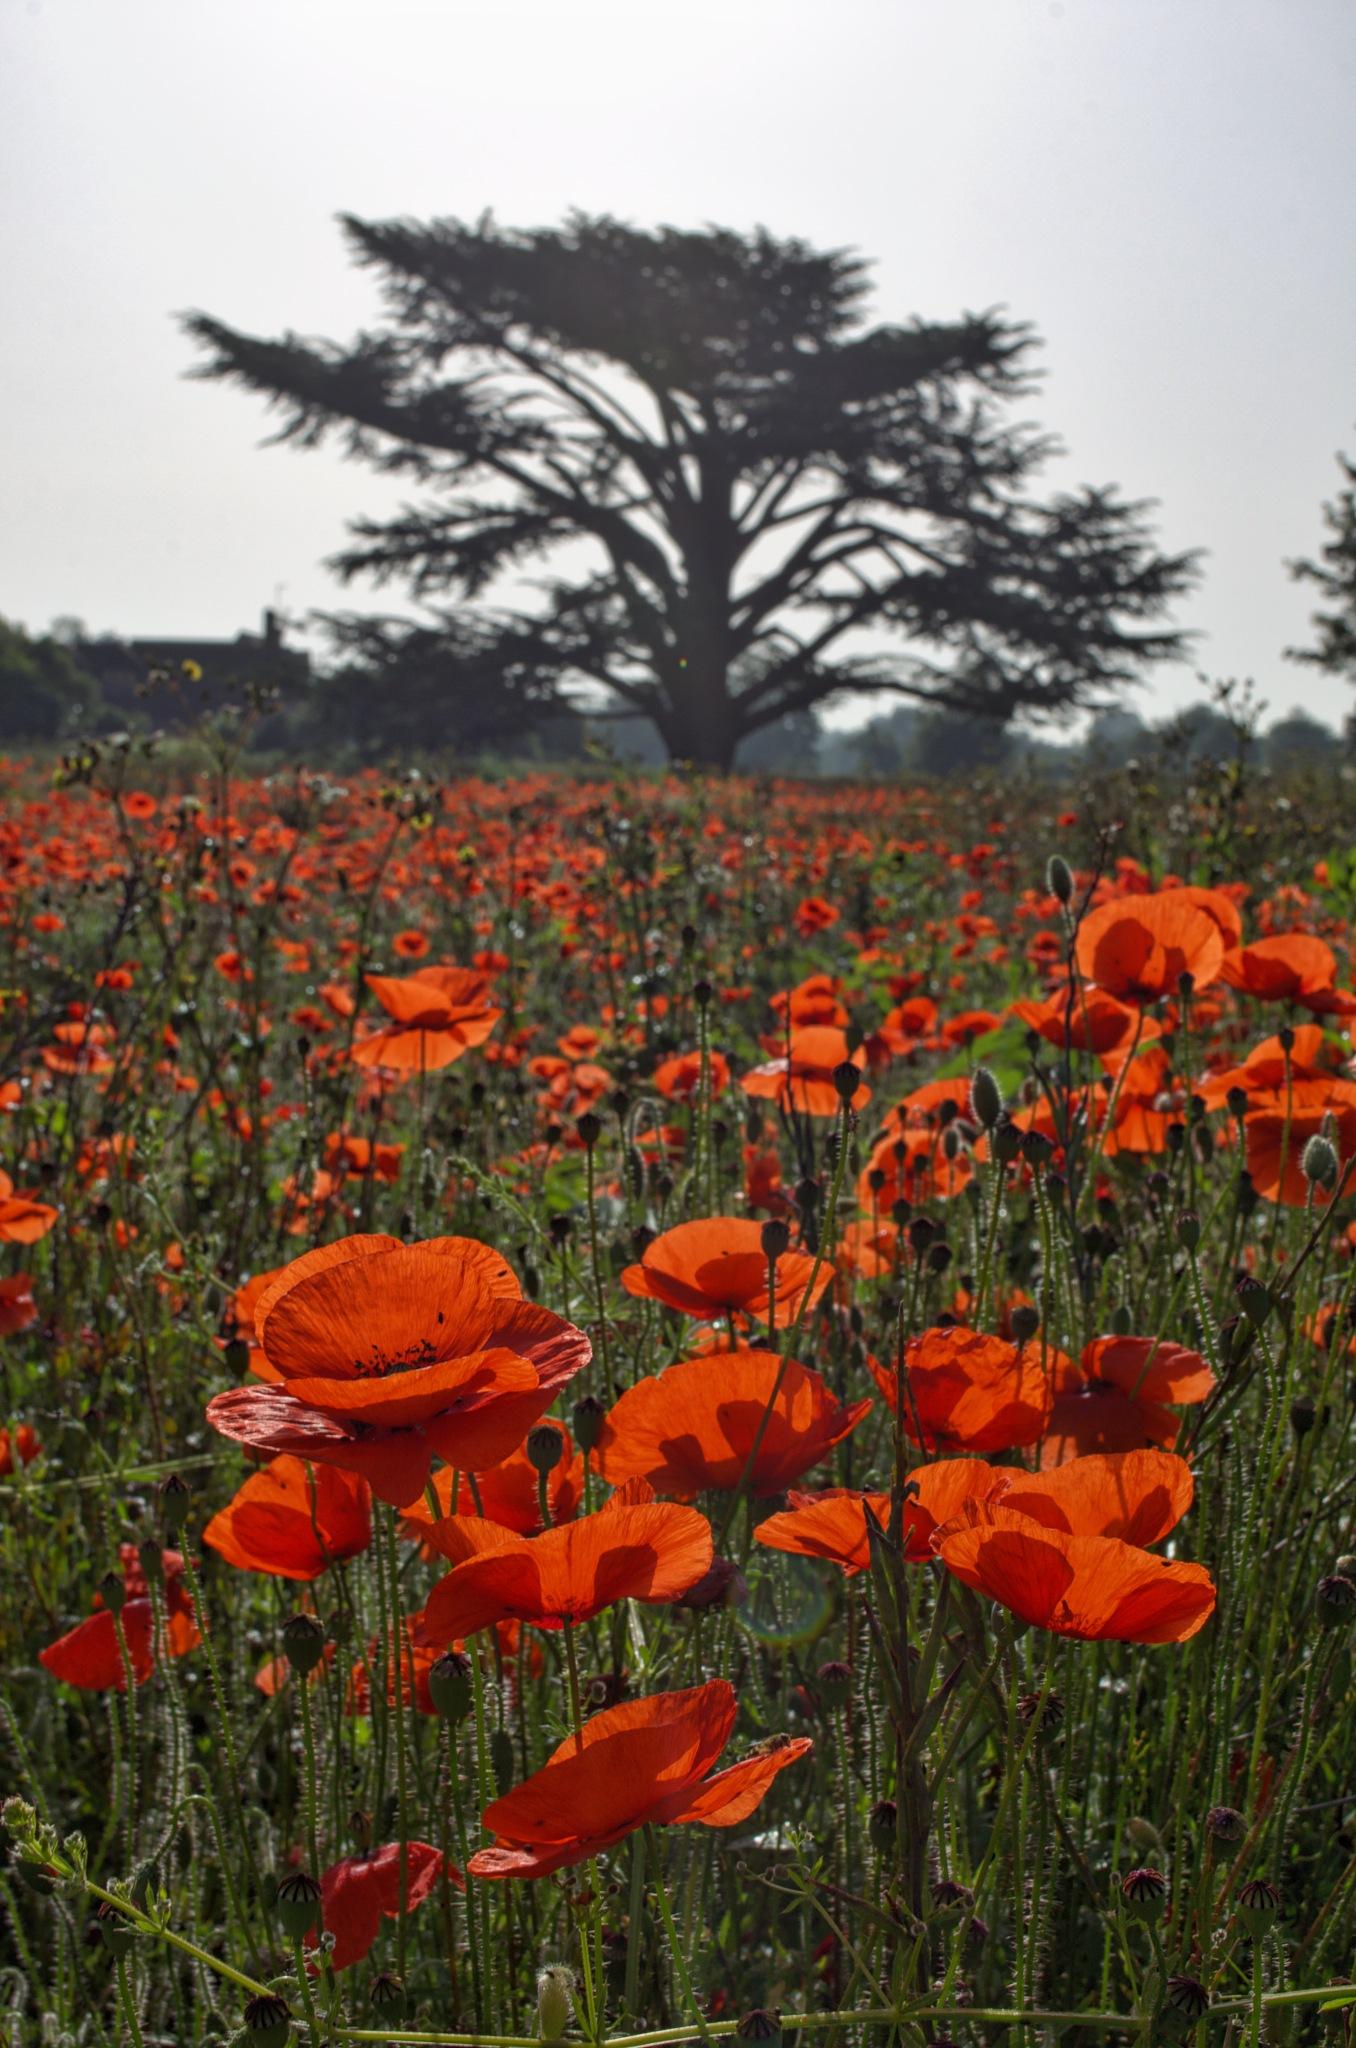 Poppy Meadow by DJW